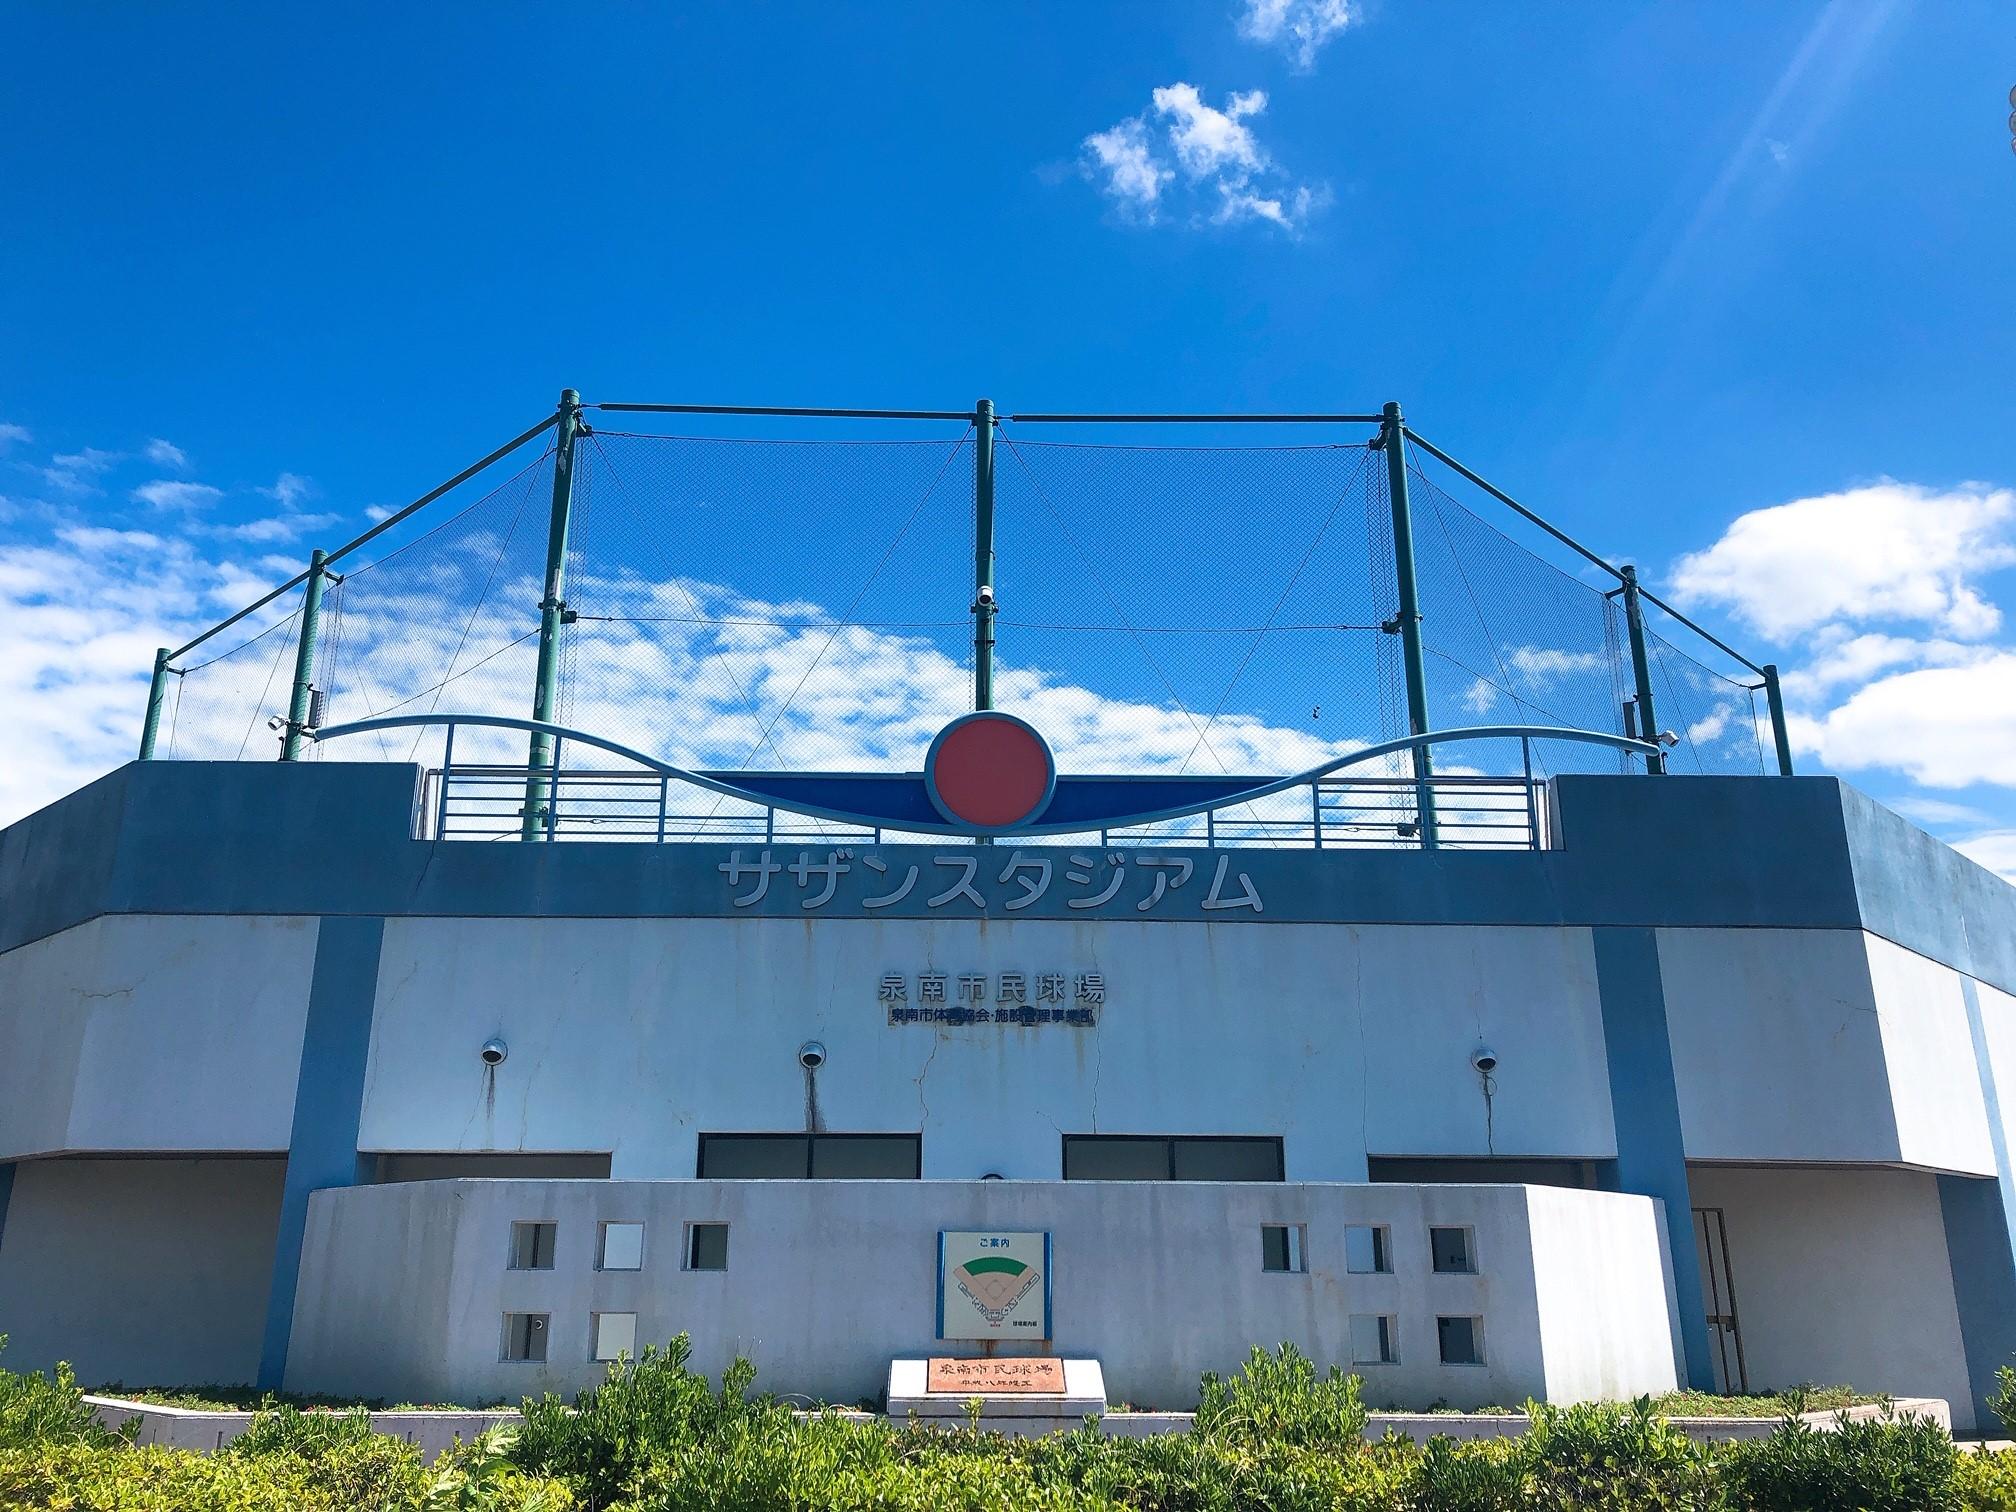 泉南市 初の取り組み、泉南市民球場のネーミングライツを取得~「J:COMサザンスタジアム」誕生~